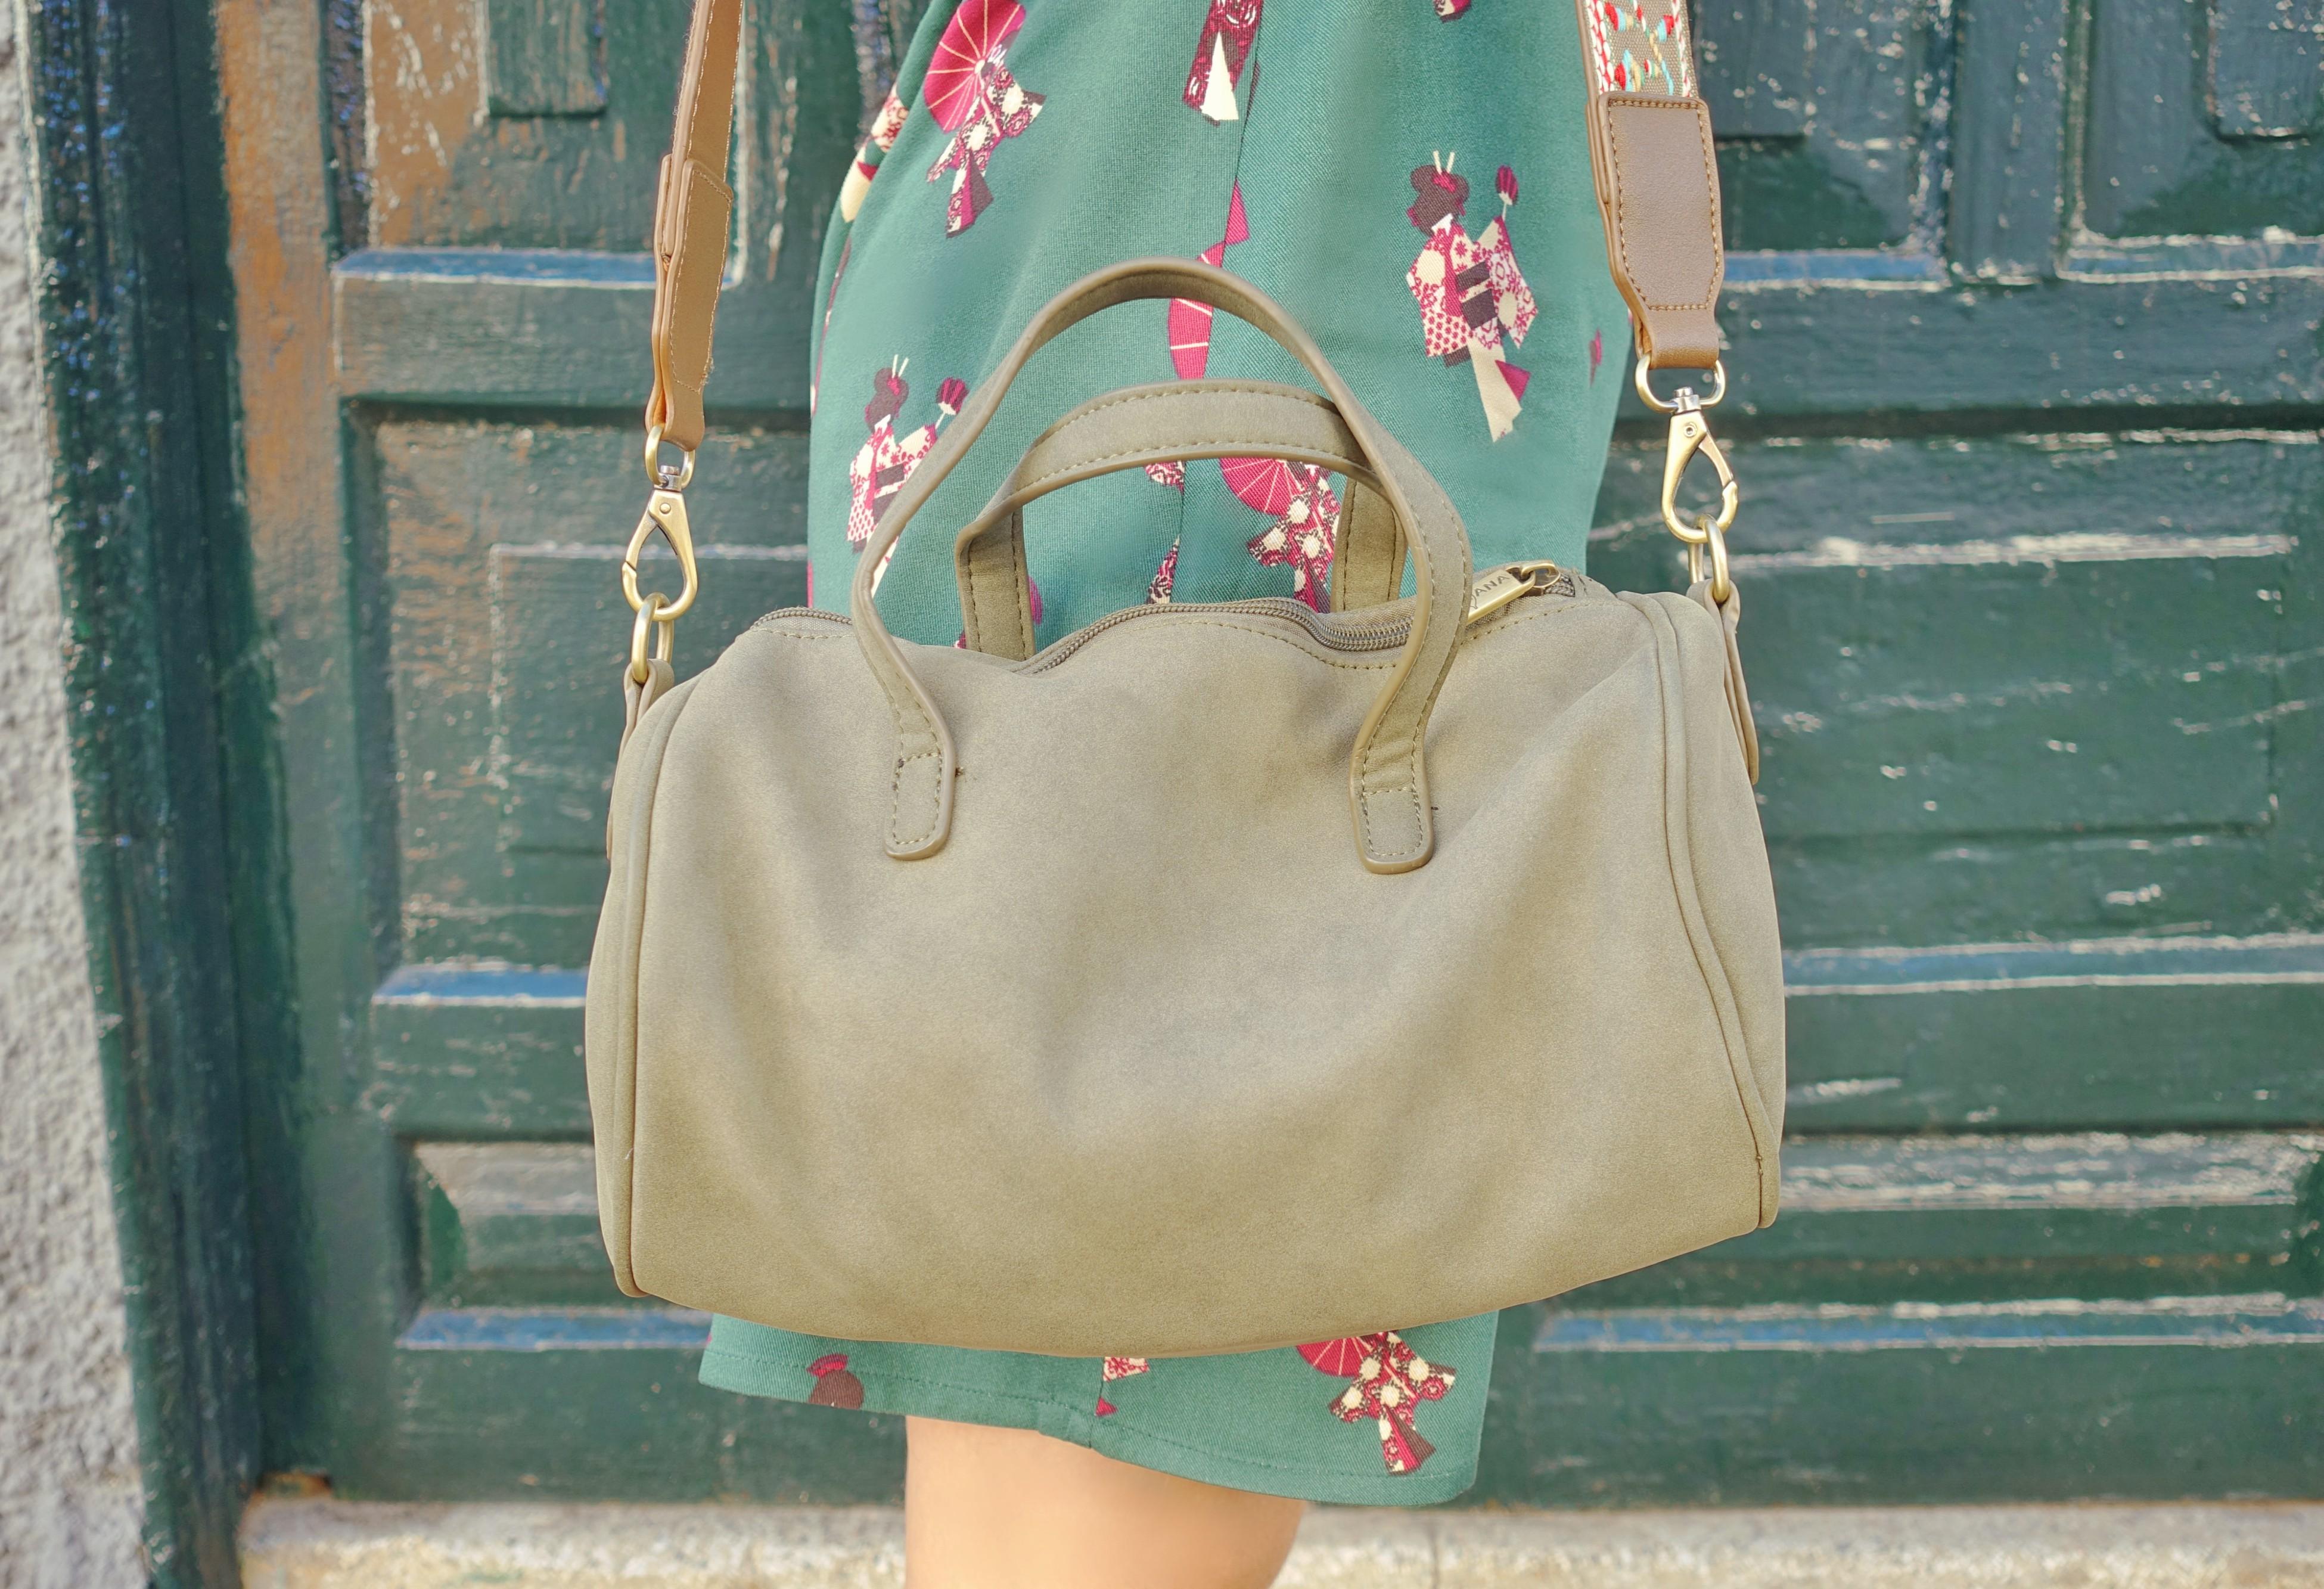 Bolsos-surkana-look-verde-blog-de-moda-ChicAdicta-fashionista-influencer-Tenerife-Chic-Adicta-green-style-PiensaenChic-Piensa-en-Chic